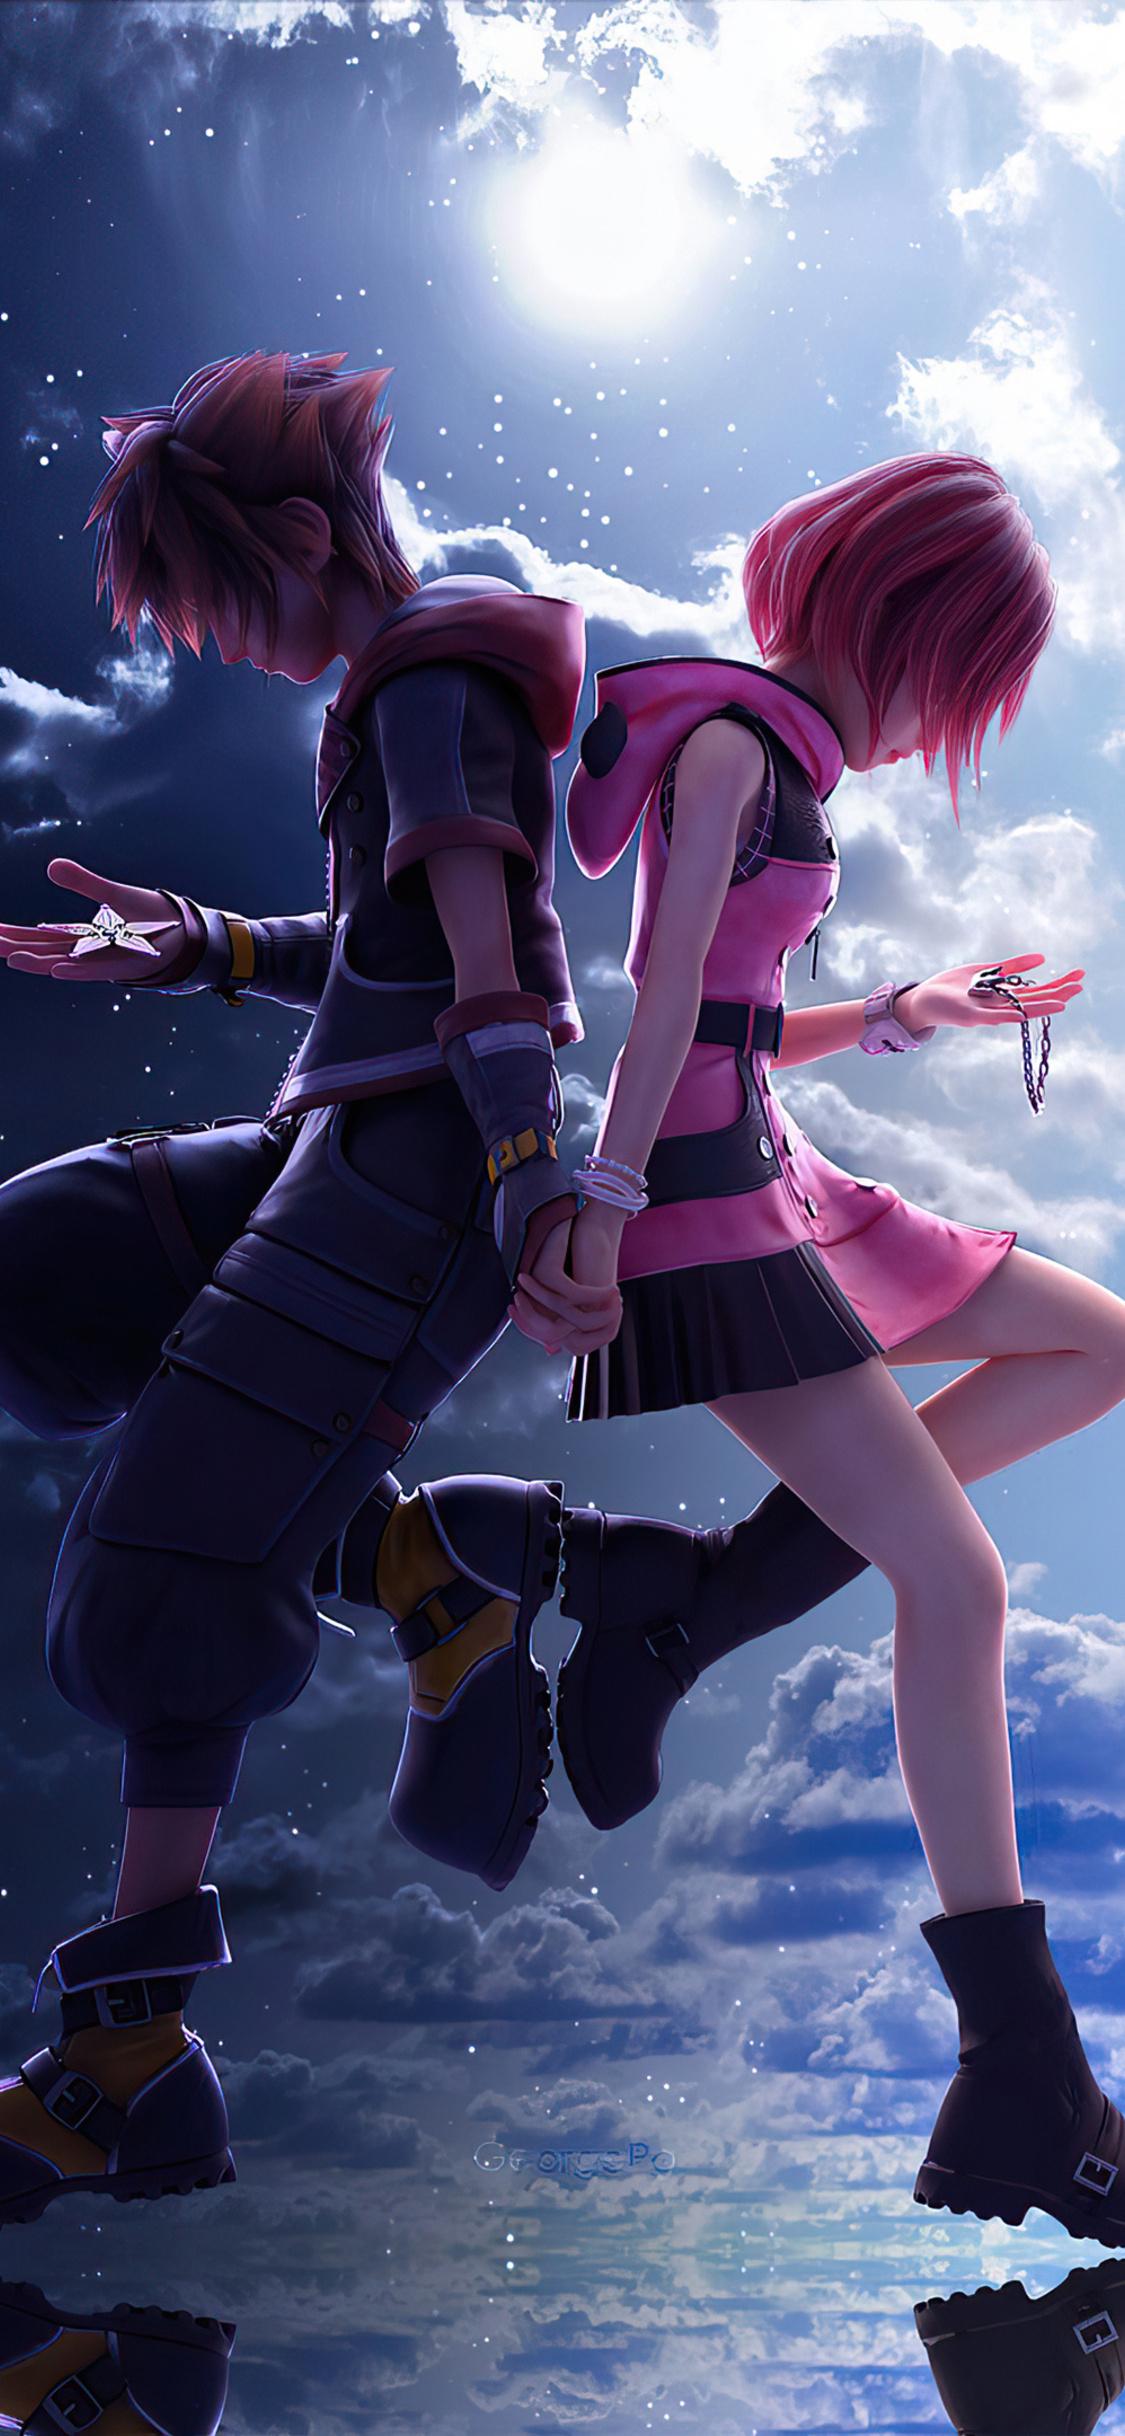 1125x2436 Kingdom Hearts 3 Sora And Kaira 4k Iphone XS ...